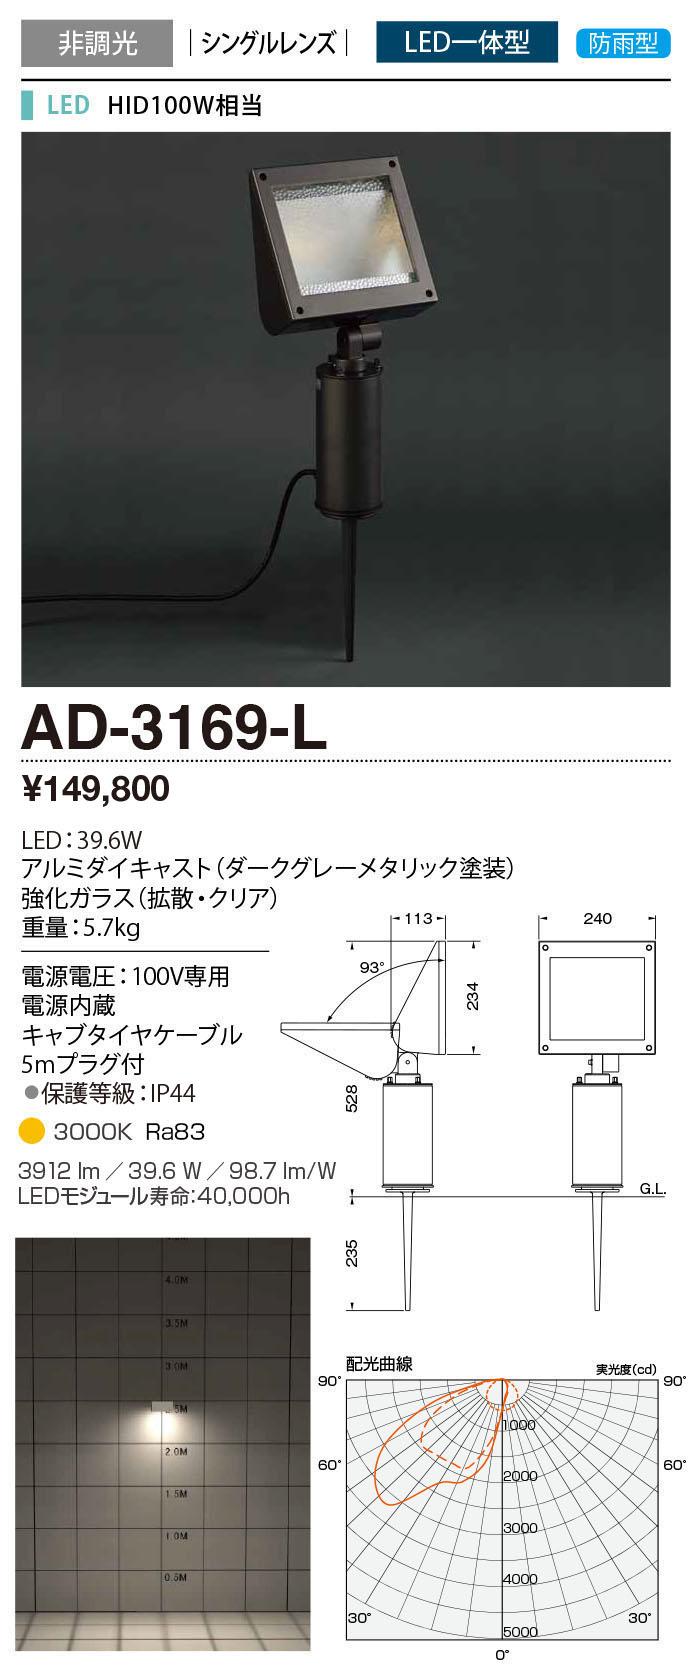 山田照明 照明器具エクステリア LED一体型スポットライト ミドルフラッド非調光 シングルレンズ 防雨型HID100W相当 電球色AD-3169-L